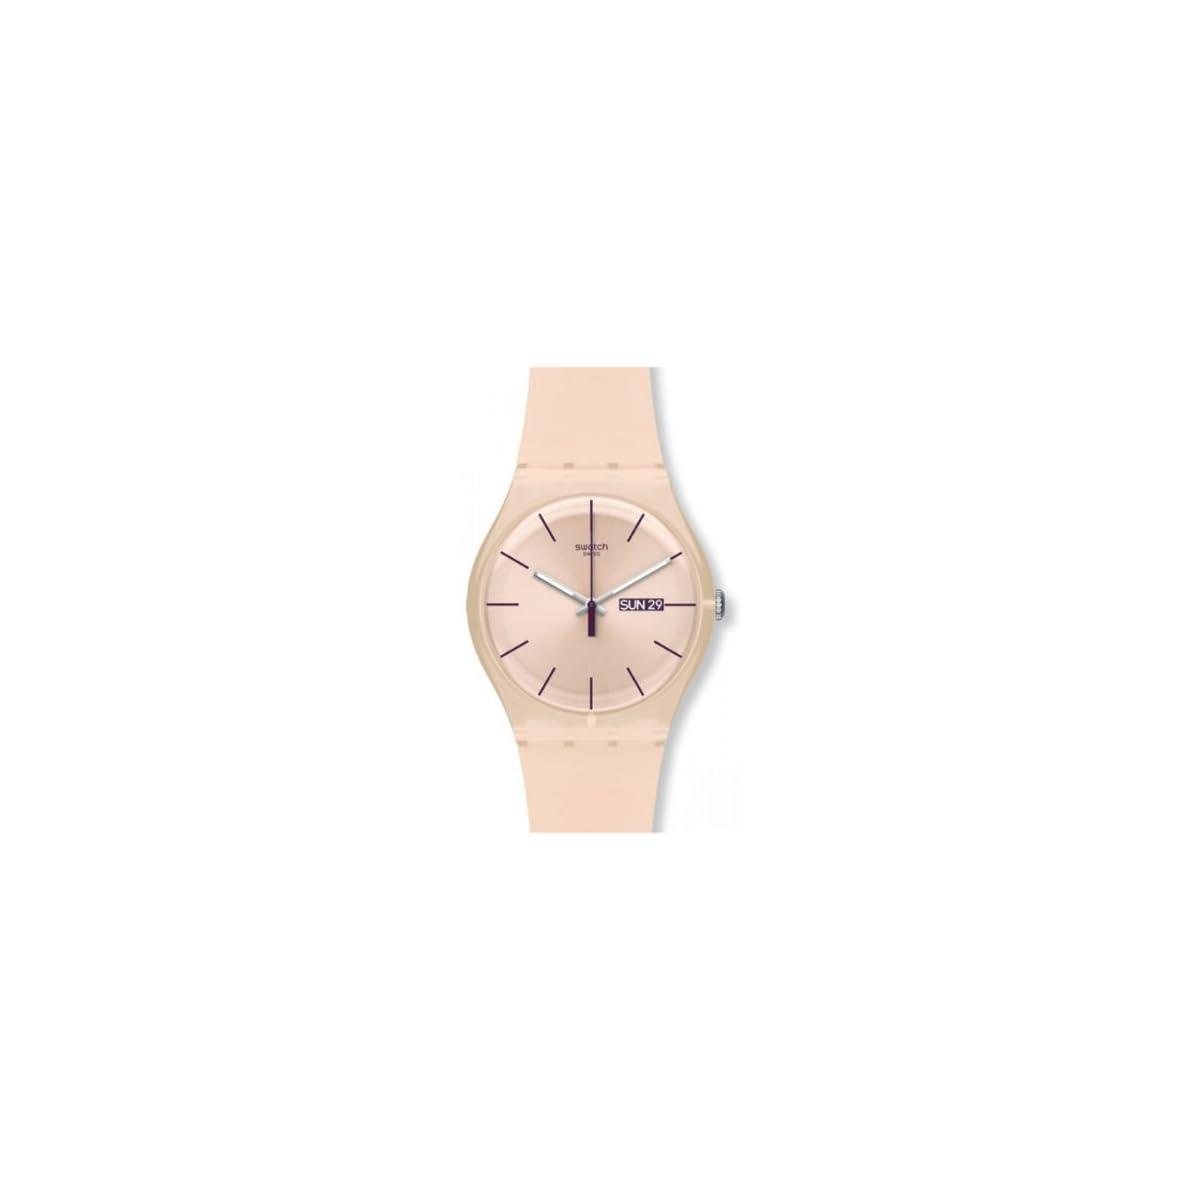 31Iu%2BXMo3YL. SS1200  - Swatch Reloj Analógico de Cuarzo para Mujer con Correa de Silicona - SUOT700